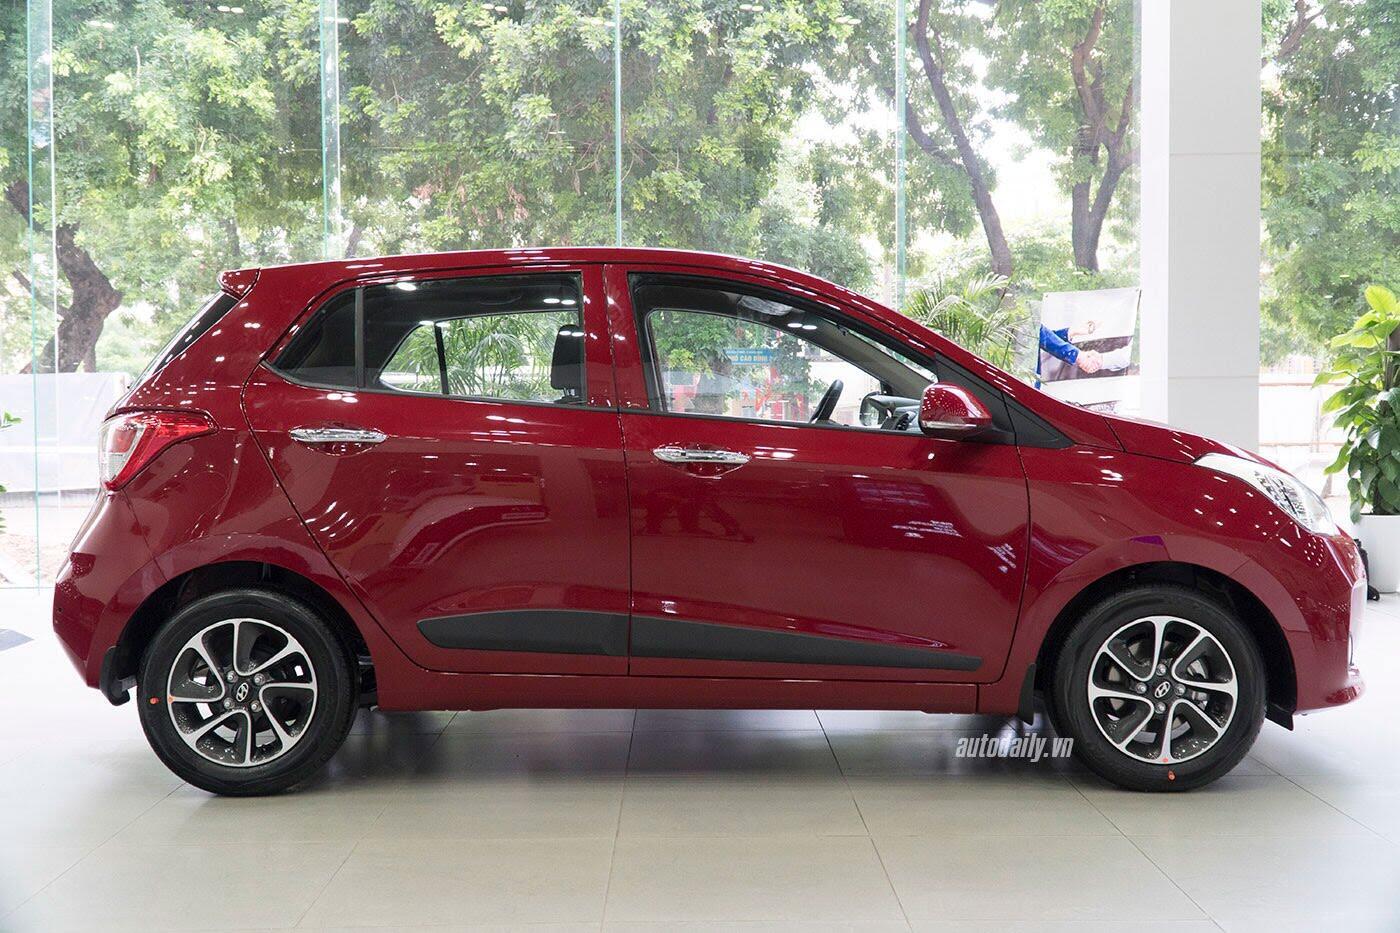 Có 400 triệu đồng, mua Hyundai Grand i10 hay Kia Morning? - Hình 4